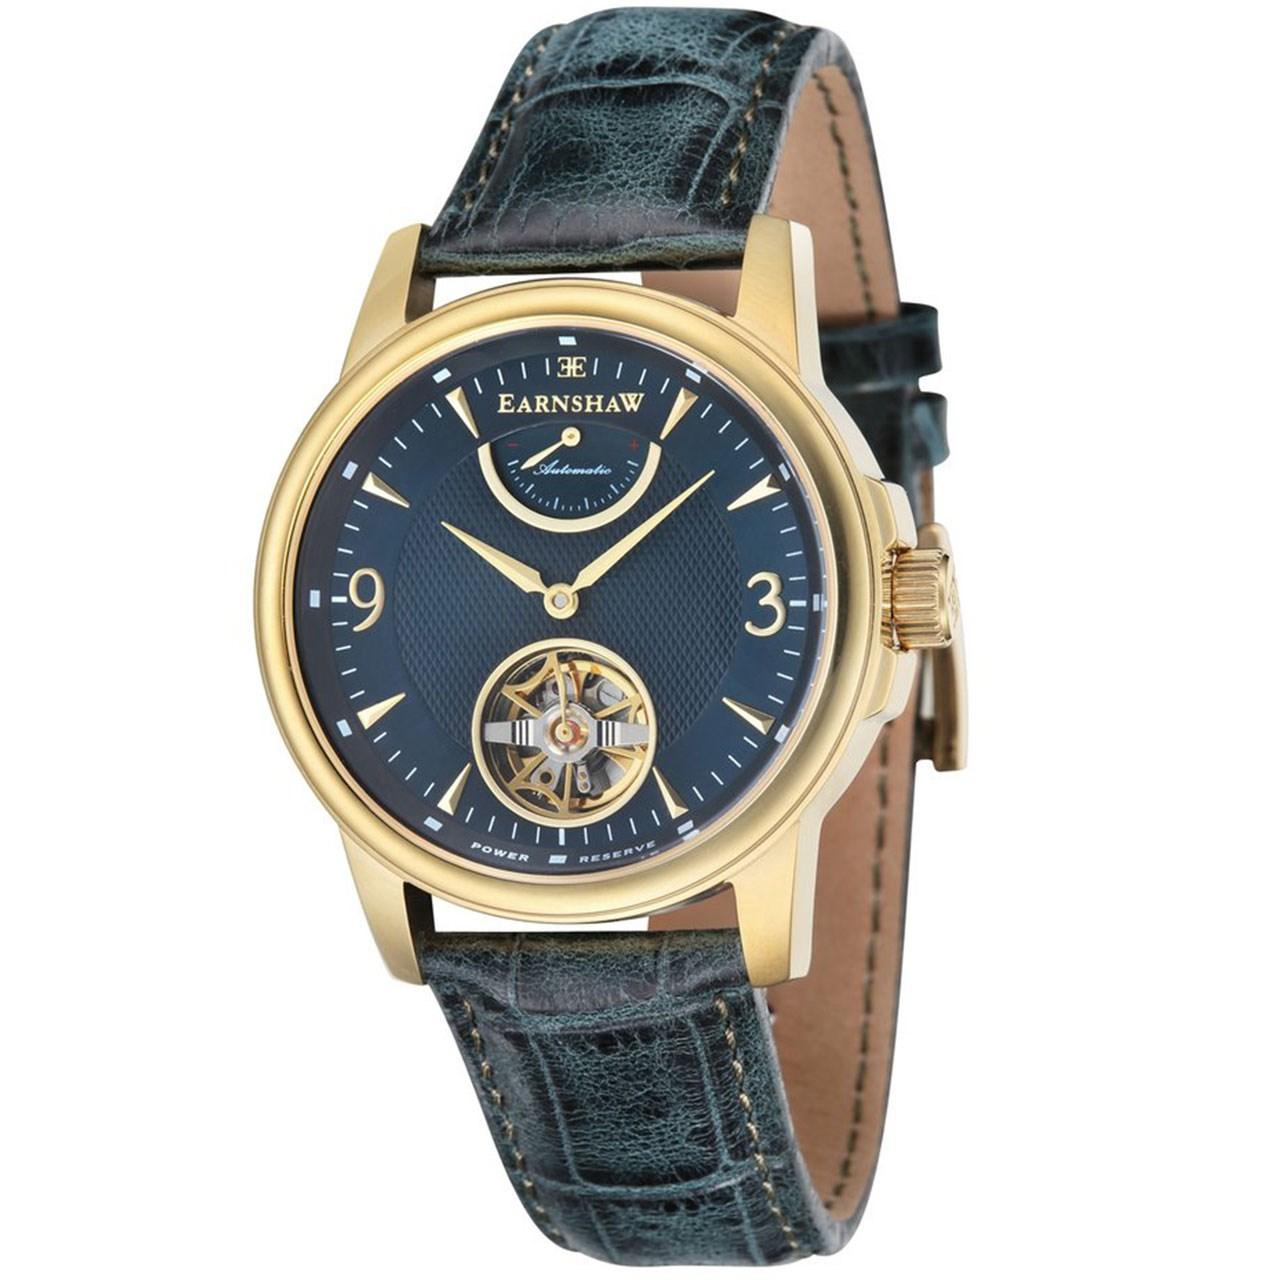 ساعت مچی عقربه ای مردانه ارنشا مدل ES-8014-07 26